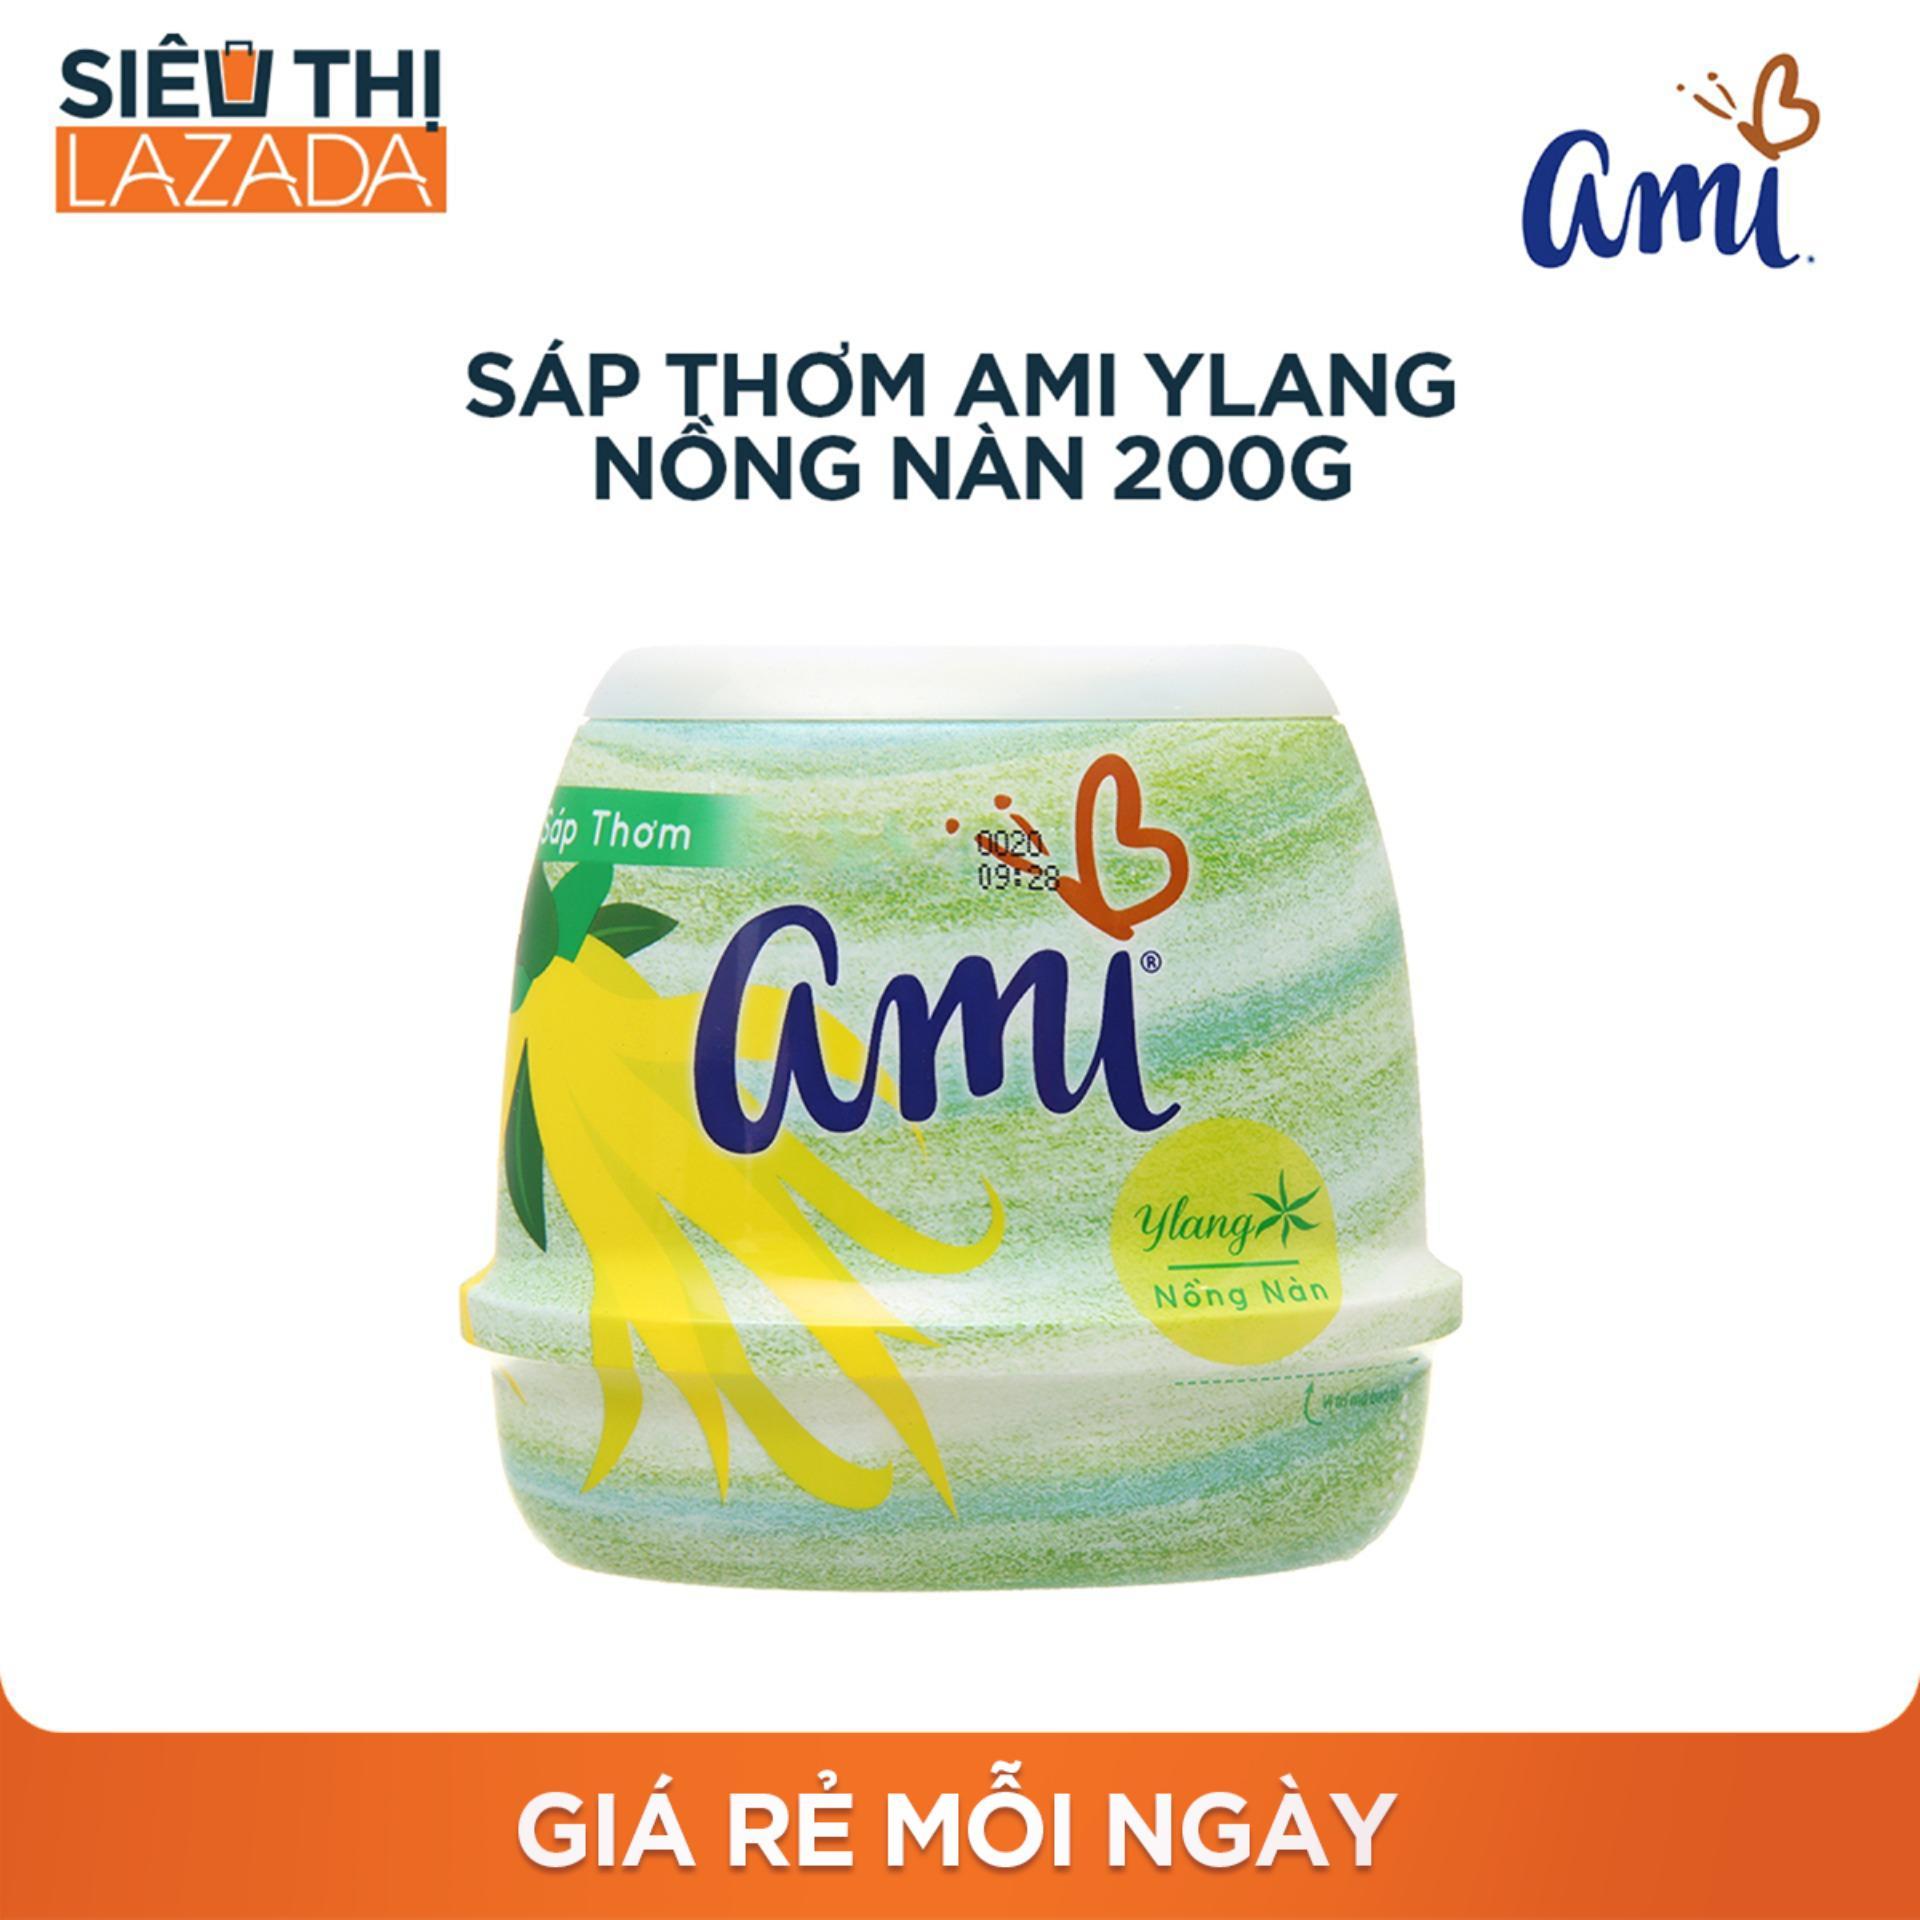 Sáp thơm Ami Ylang -  Nồng nàn 200g